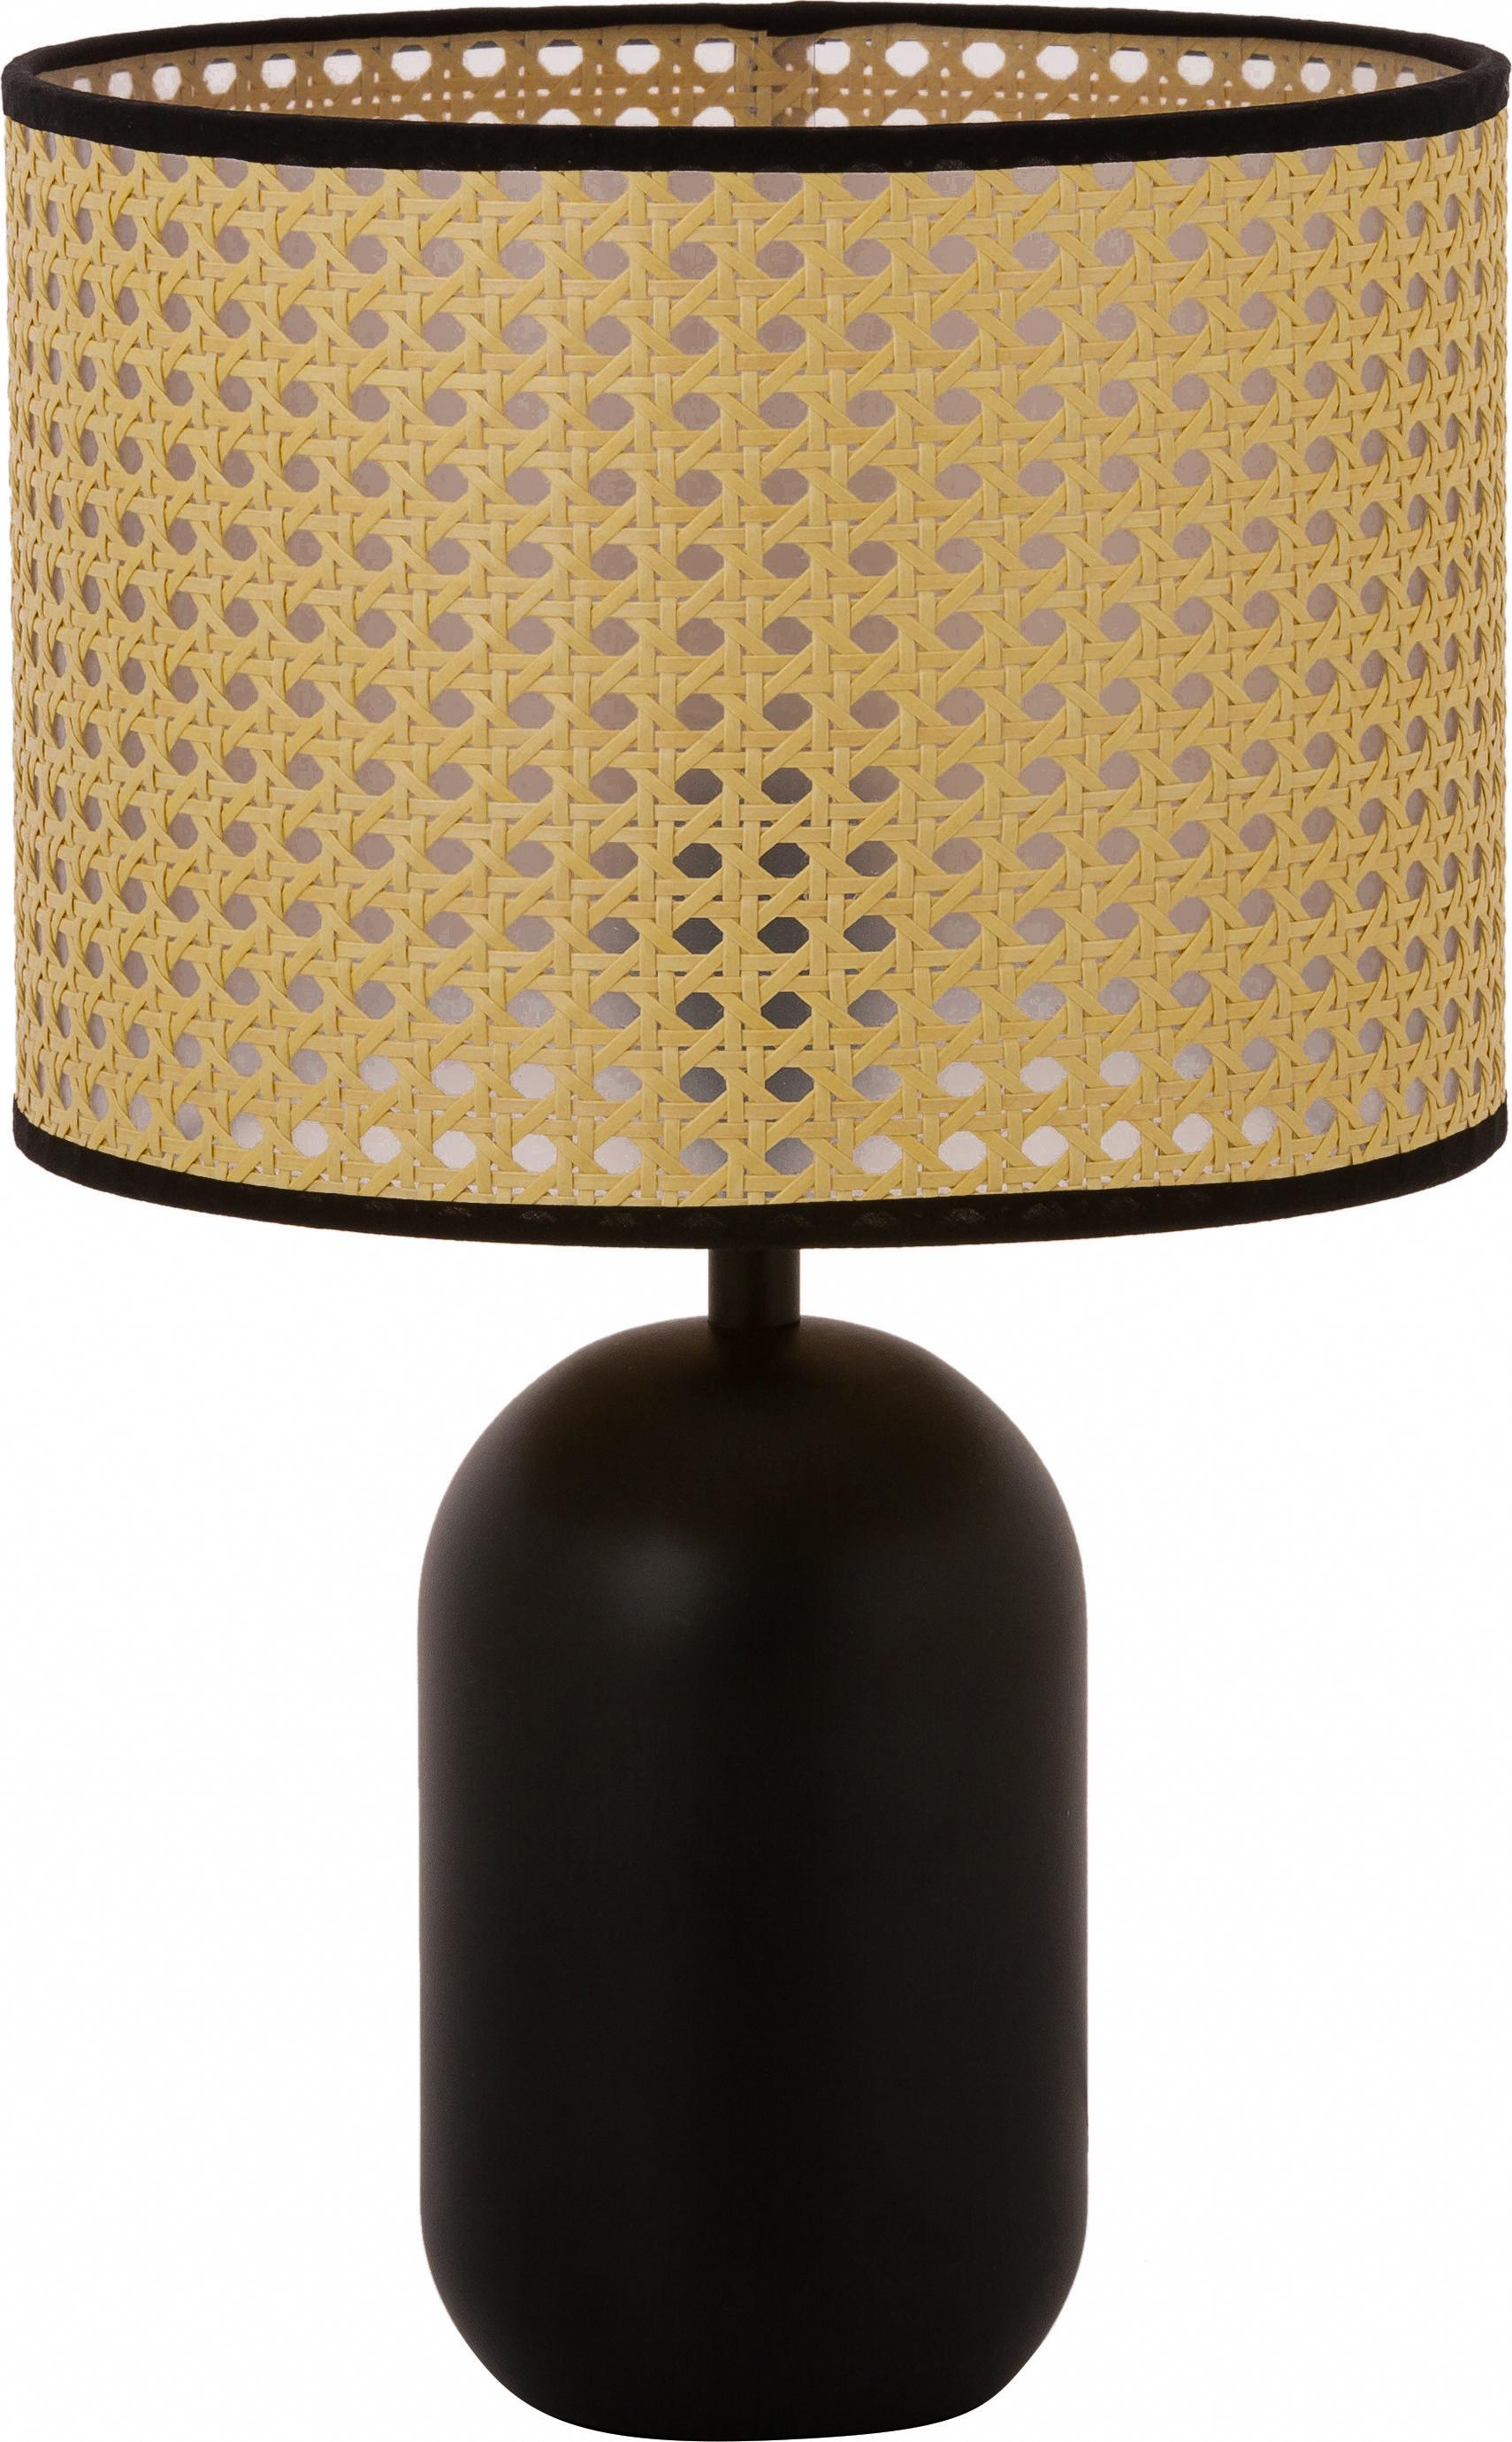 Tafellamp Vienna van Weens vlechtwerk, Lampenkap: kunststof, Lampvoet: gepoedercoat metaal, Lampenkap: beige, zwart. Lampvoet: mat zwart. Snoer: zwart, Ø 25 x H 39 cm